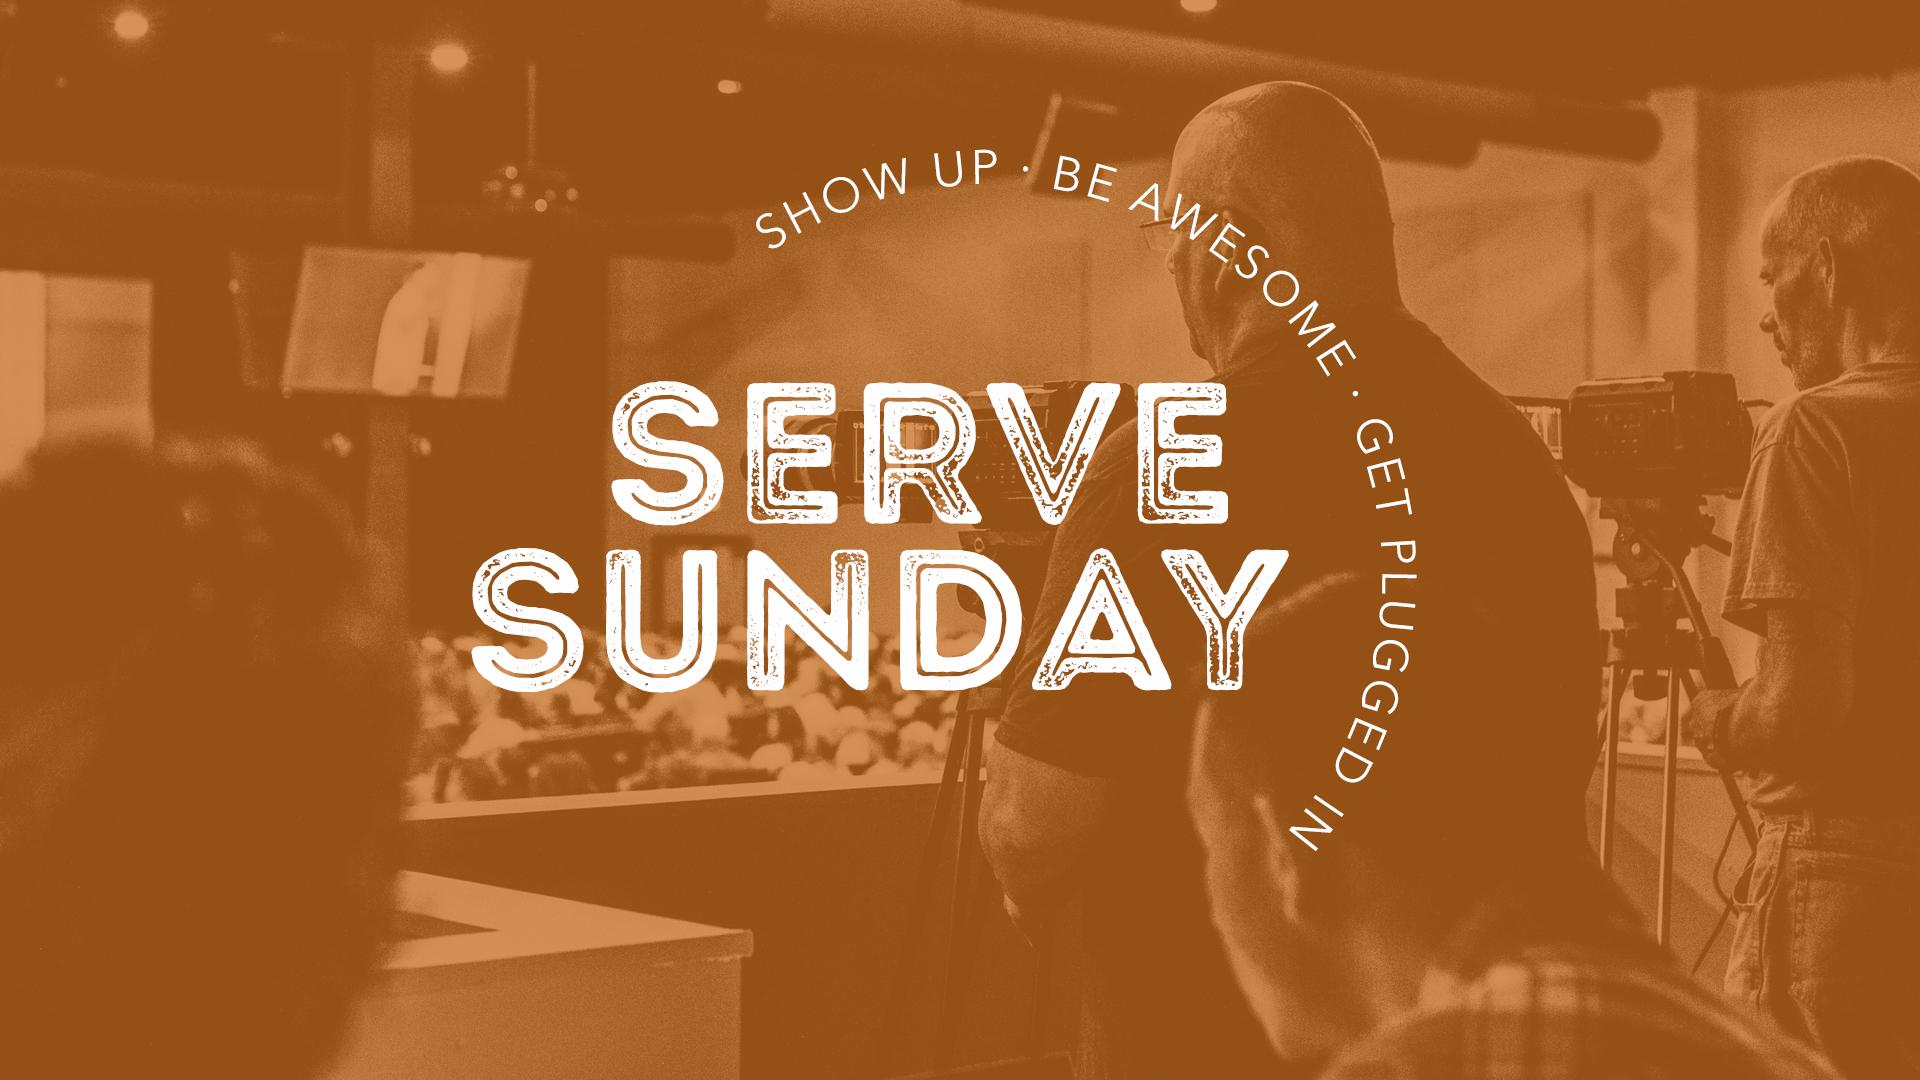 Serve sunday